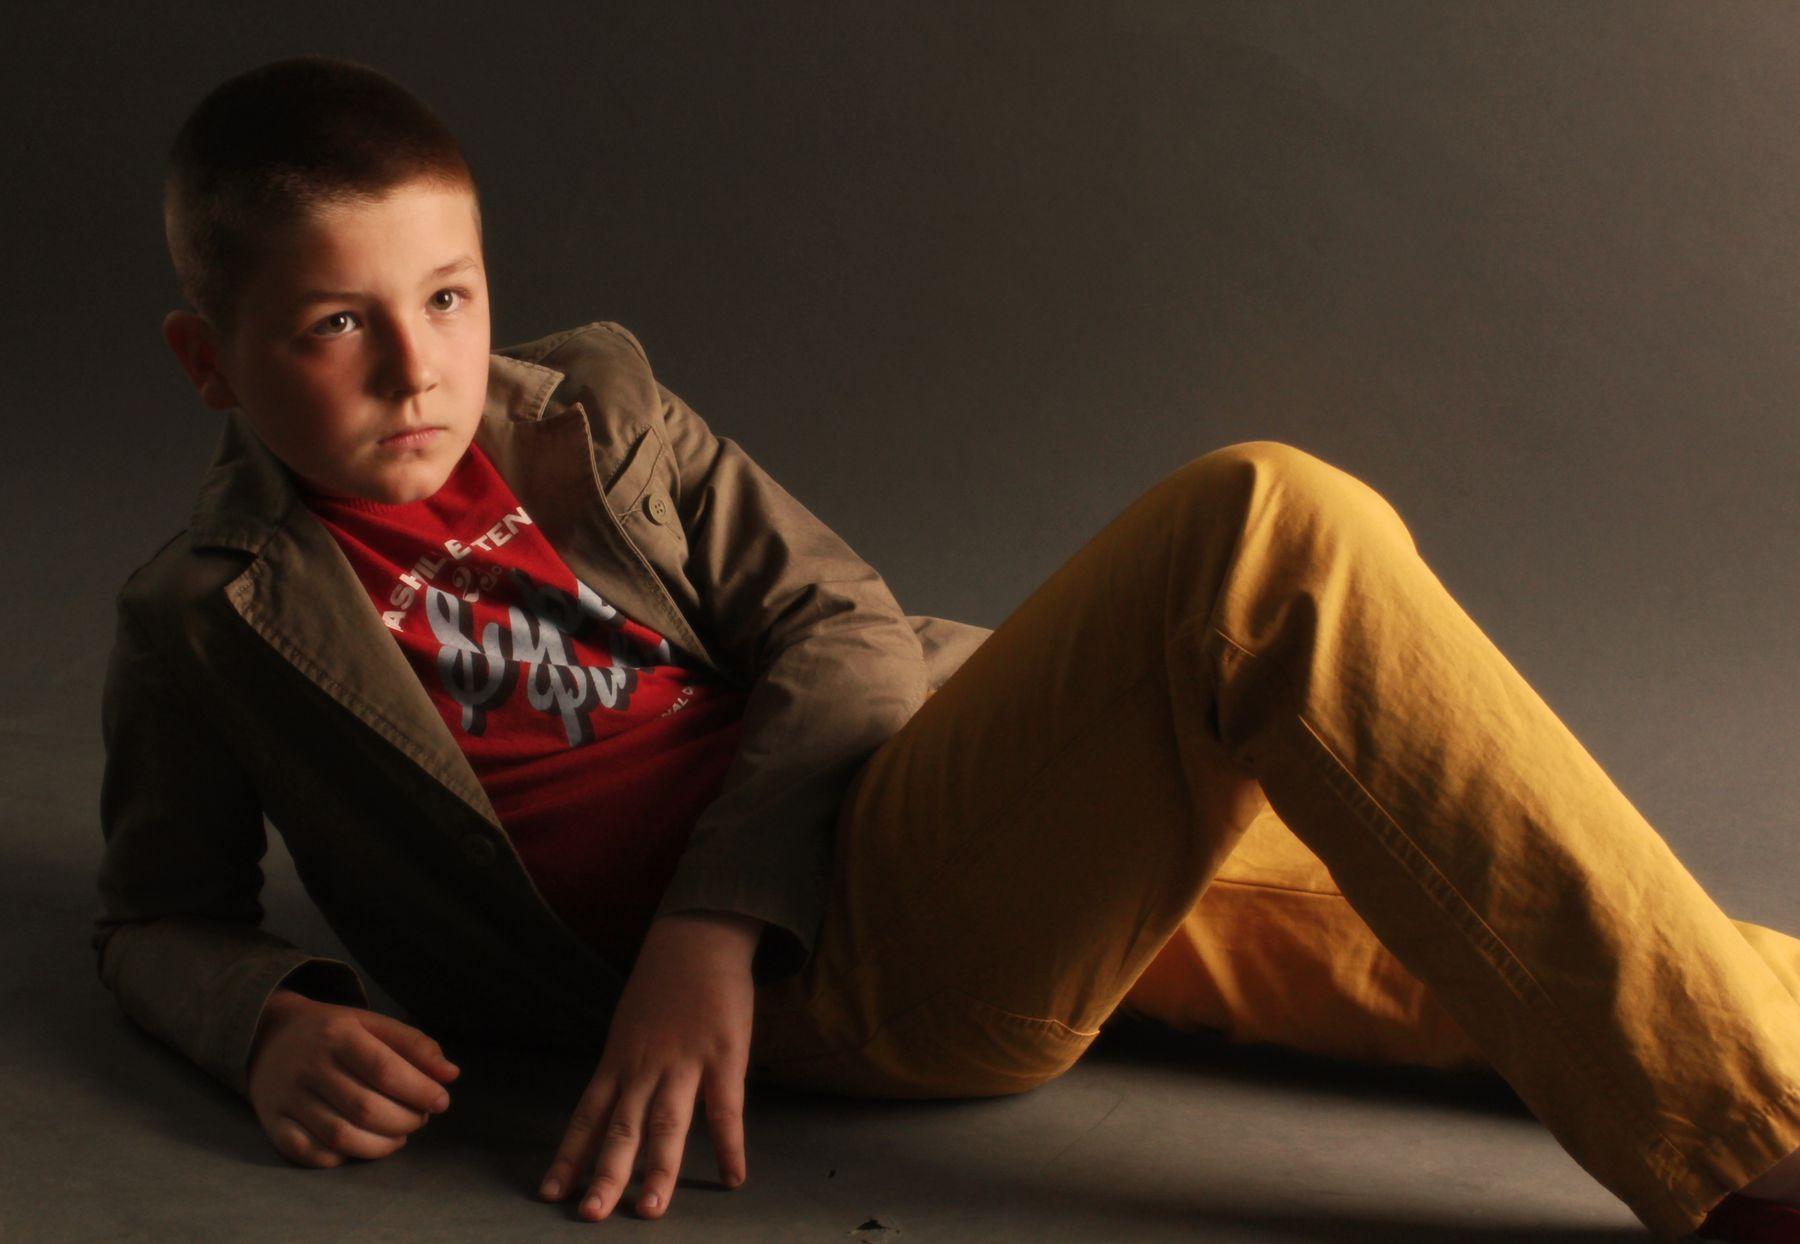 Семен портрет дети модели студия